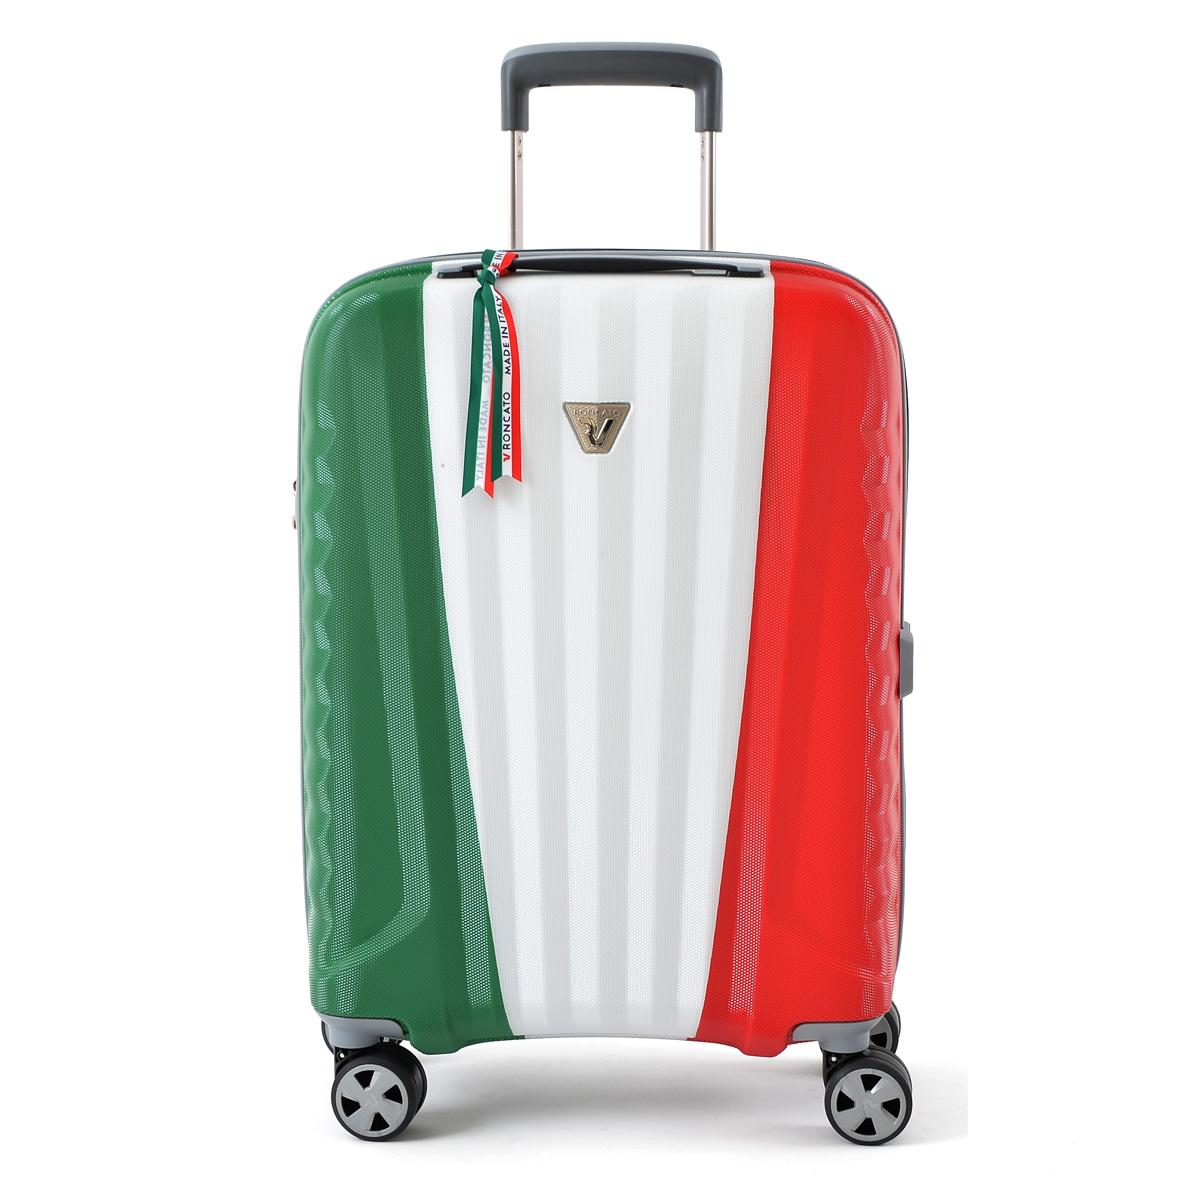 ロンカート スーツケース 日本限定|機内持ち込み 35L 51cm 2.3kg 5463|軽量 10年保証 ハード ファスナー|TSAロック搭載 プレミアムZSL トリコローレ RONCATO [bef][PO10]